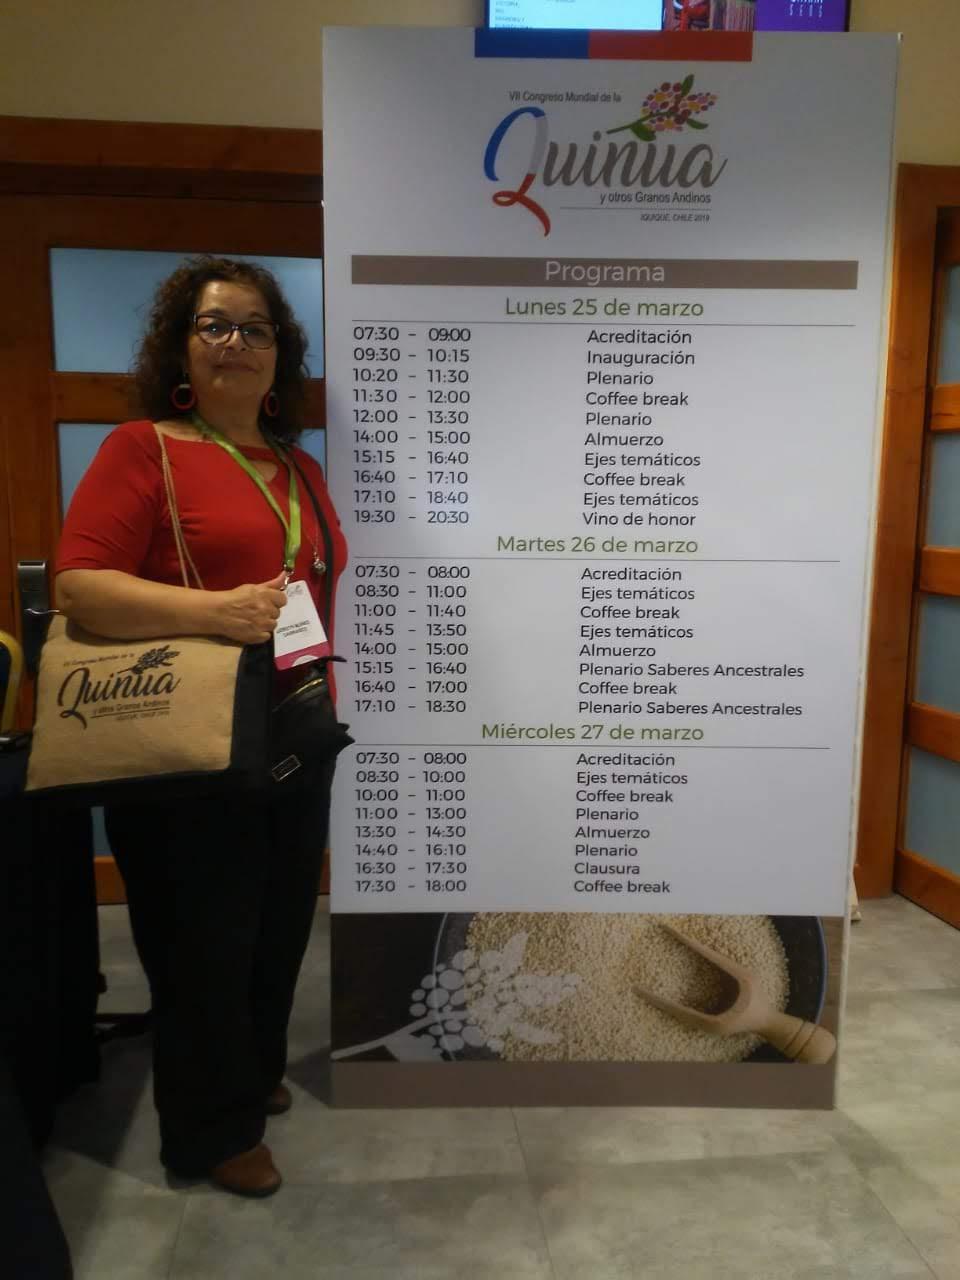 Académica de Trabajo Social de la UCM Curicó expone en congreso mundial de la quinua